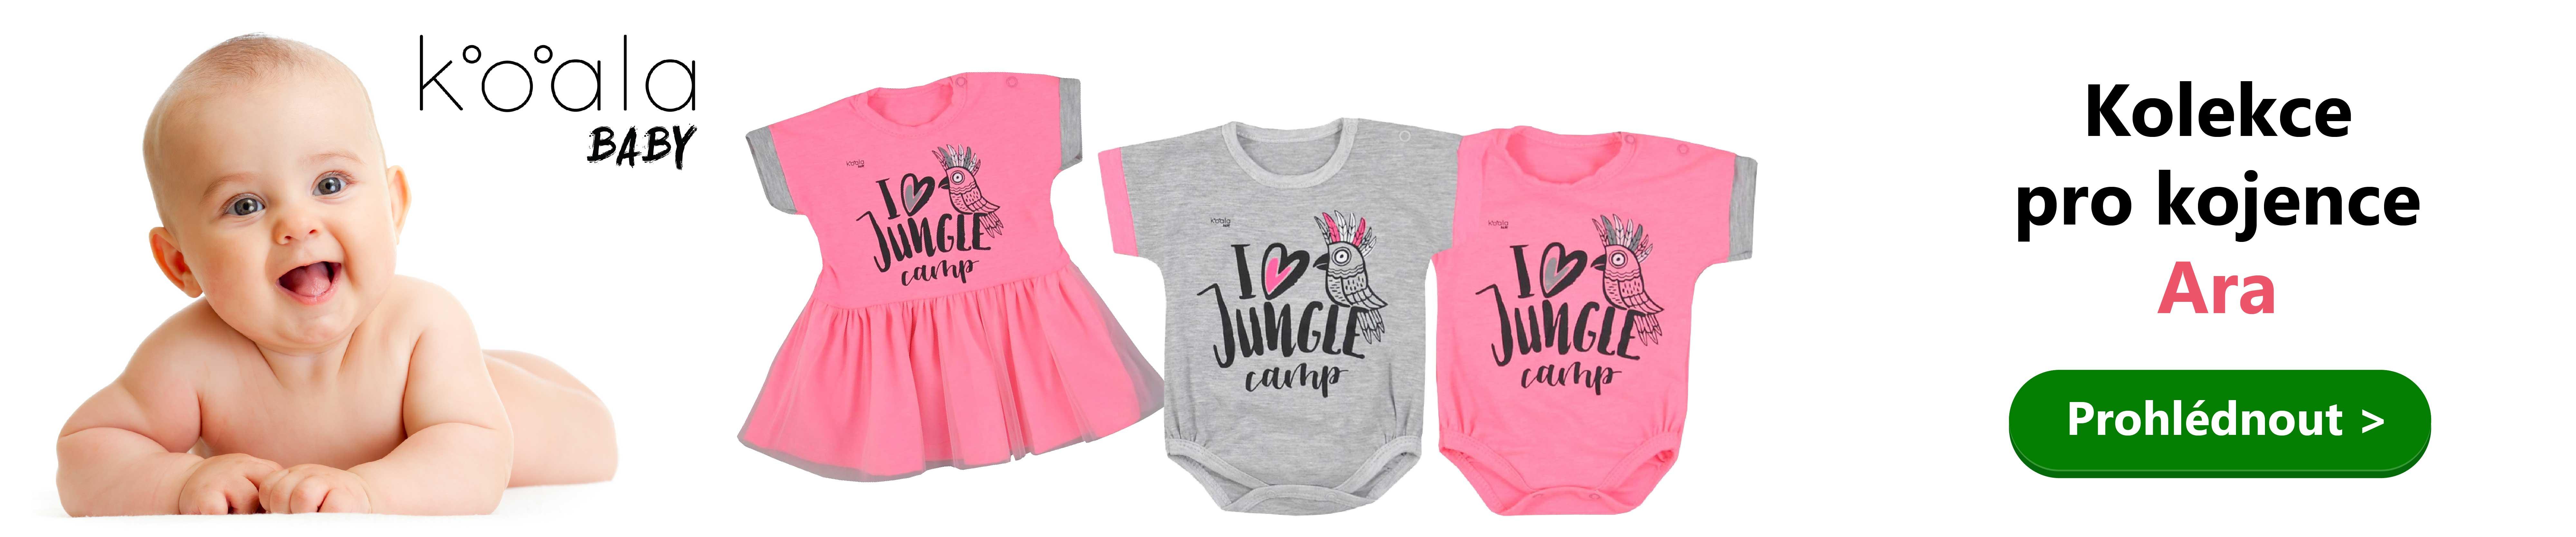 4243aacf87fe Krásná módní kolekce kojeneckého oblečení pro holčičky Koala ARA. Veselý  papoušek a nápis zdobí jednotlivé věcičky a kvalitní materiál zajistí  pohodlíčko po ...